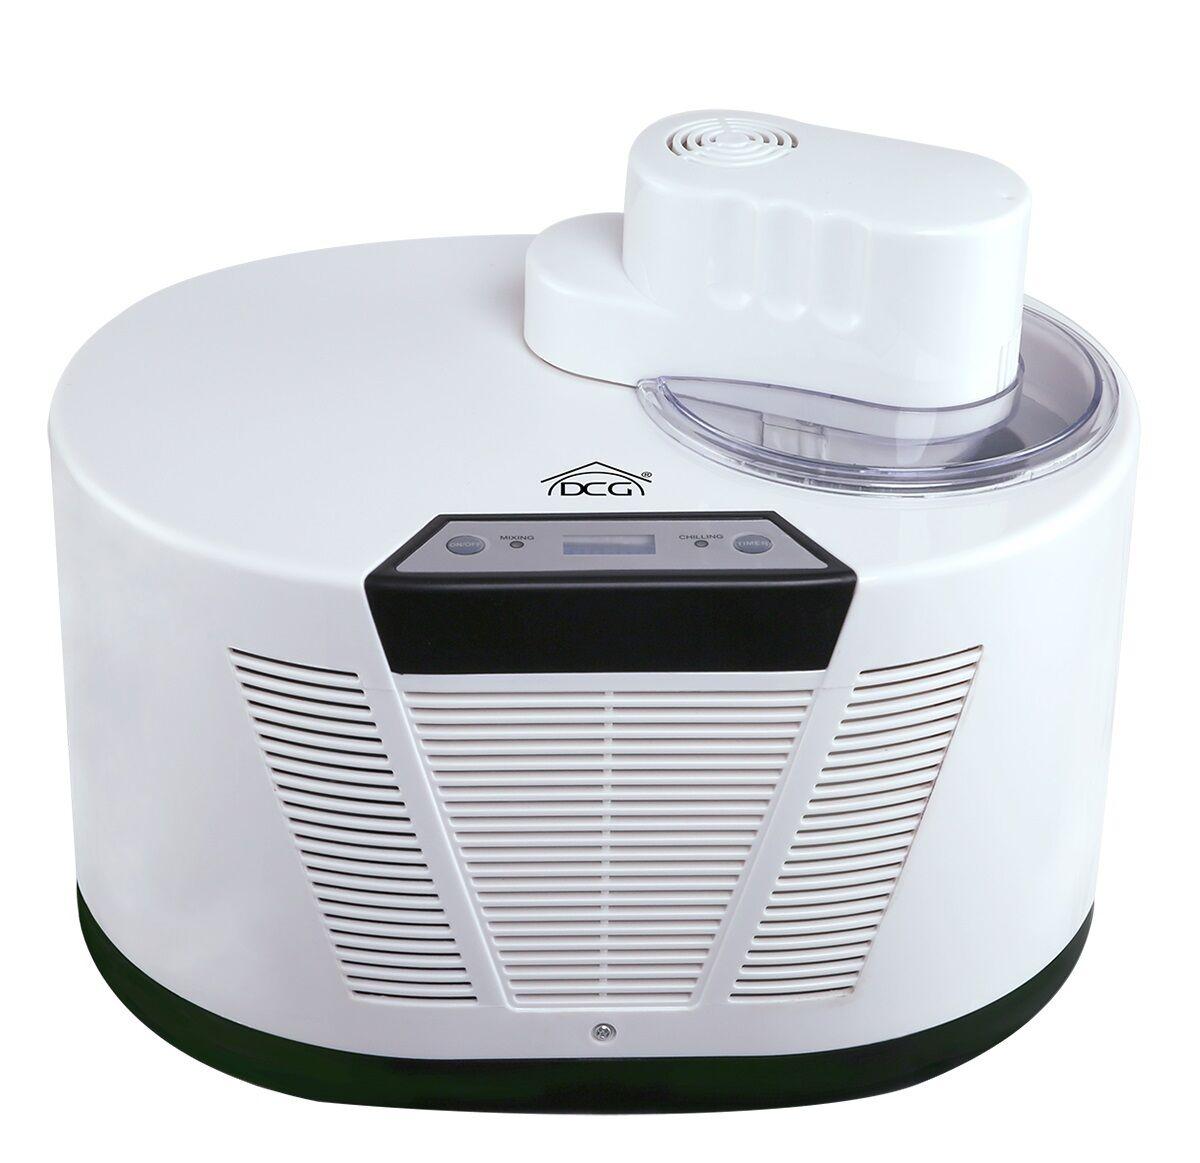 Gelatiera Dcg autorefrigerante ice maker gelataio macchina gelato lC6000 - Rotex